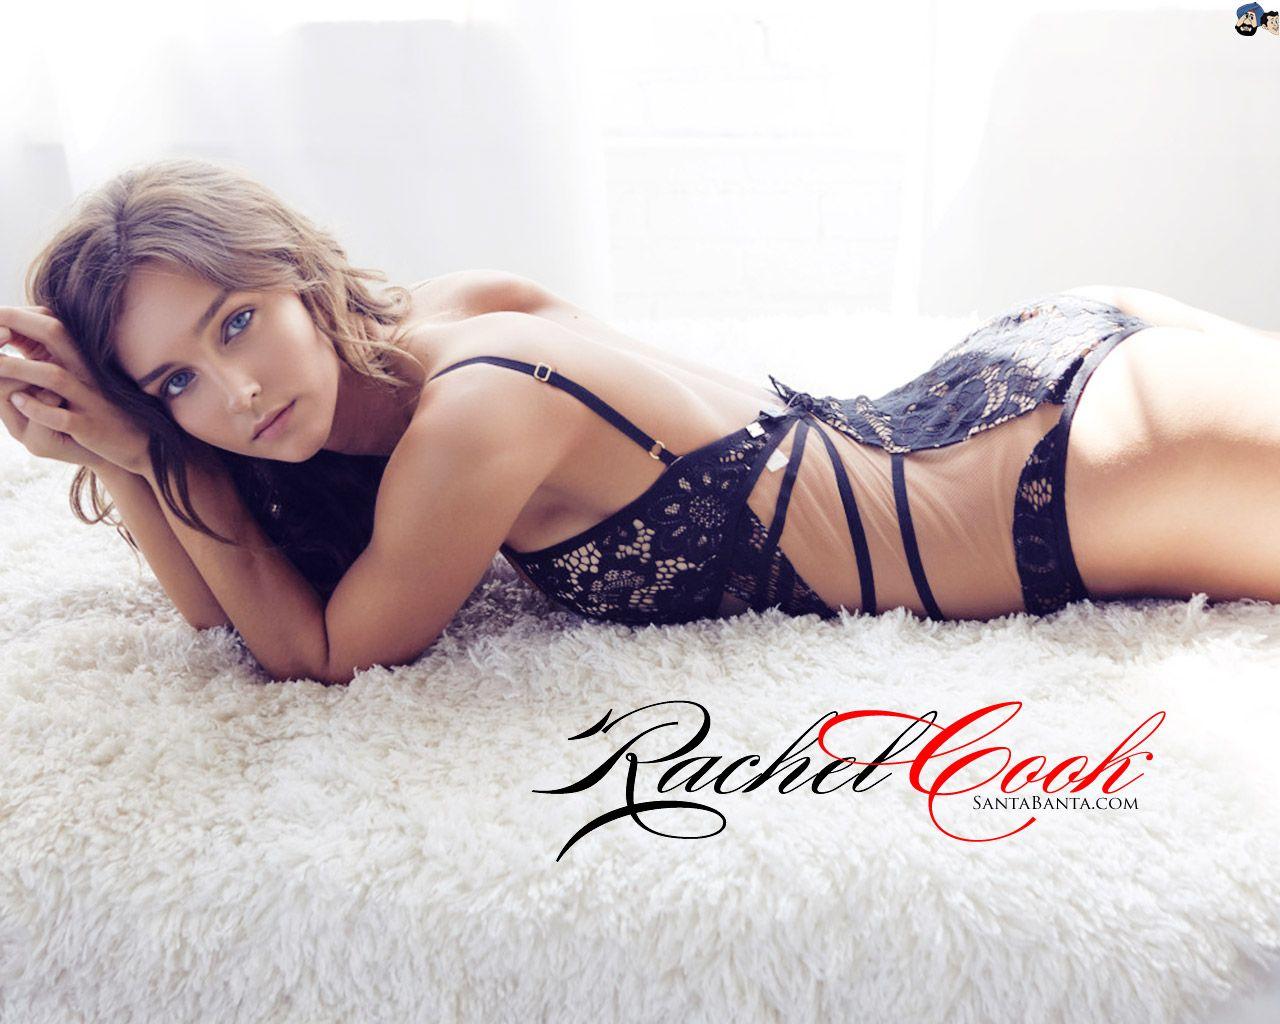 rachel cook hollywood hot actress hd wallpapers | rachel cook